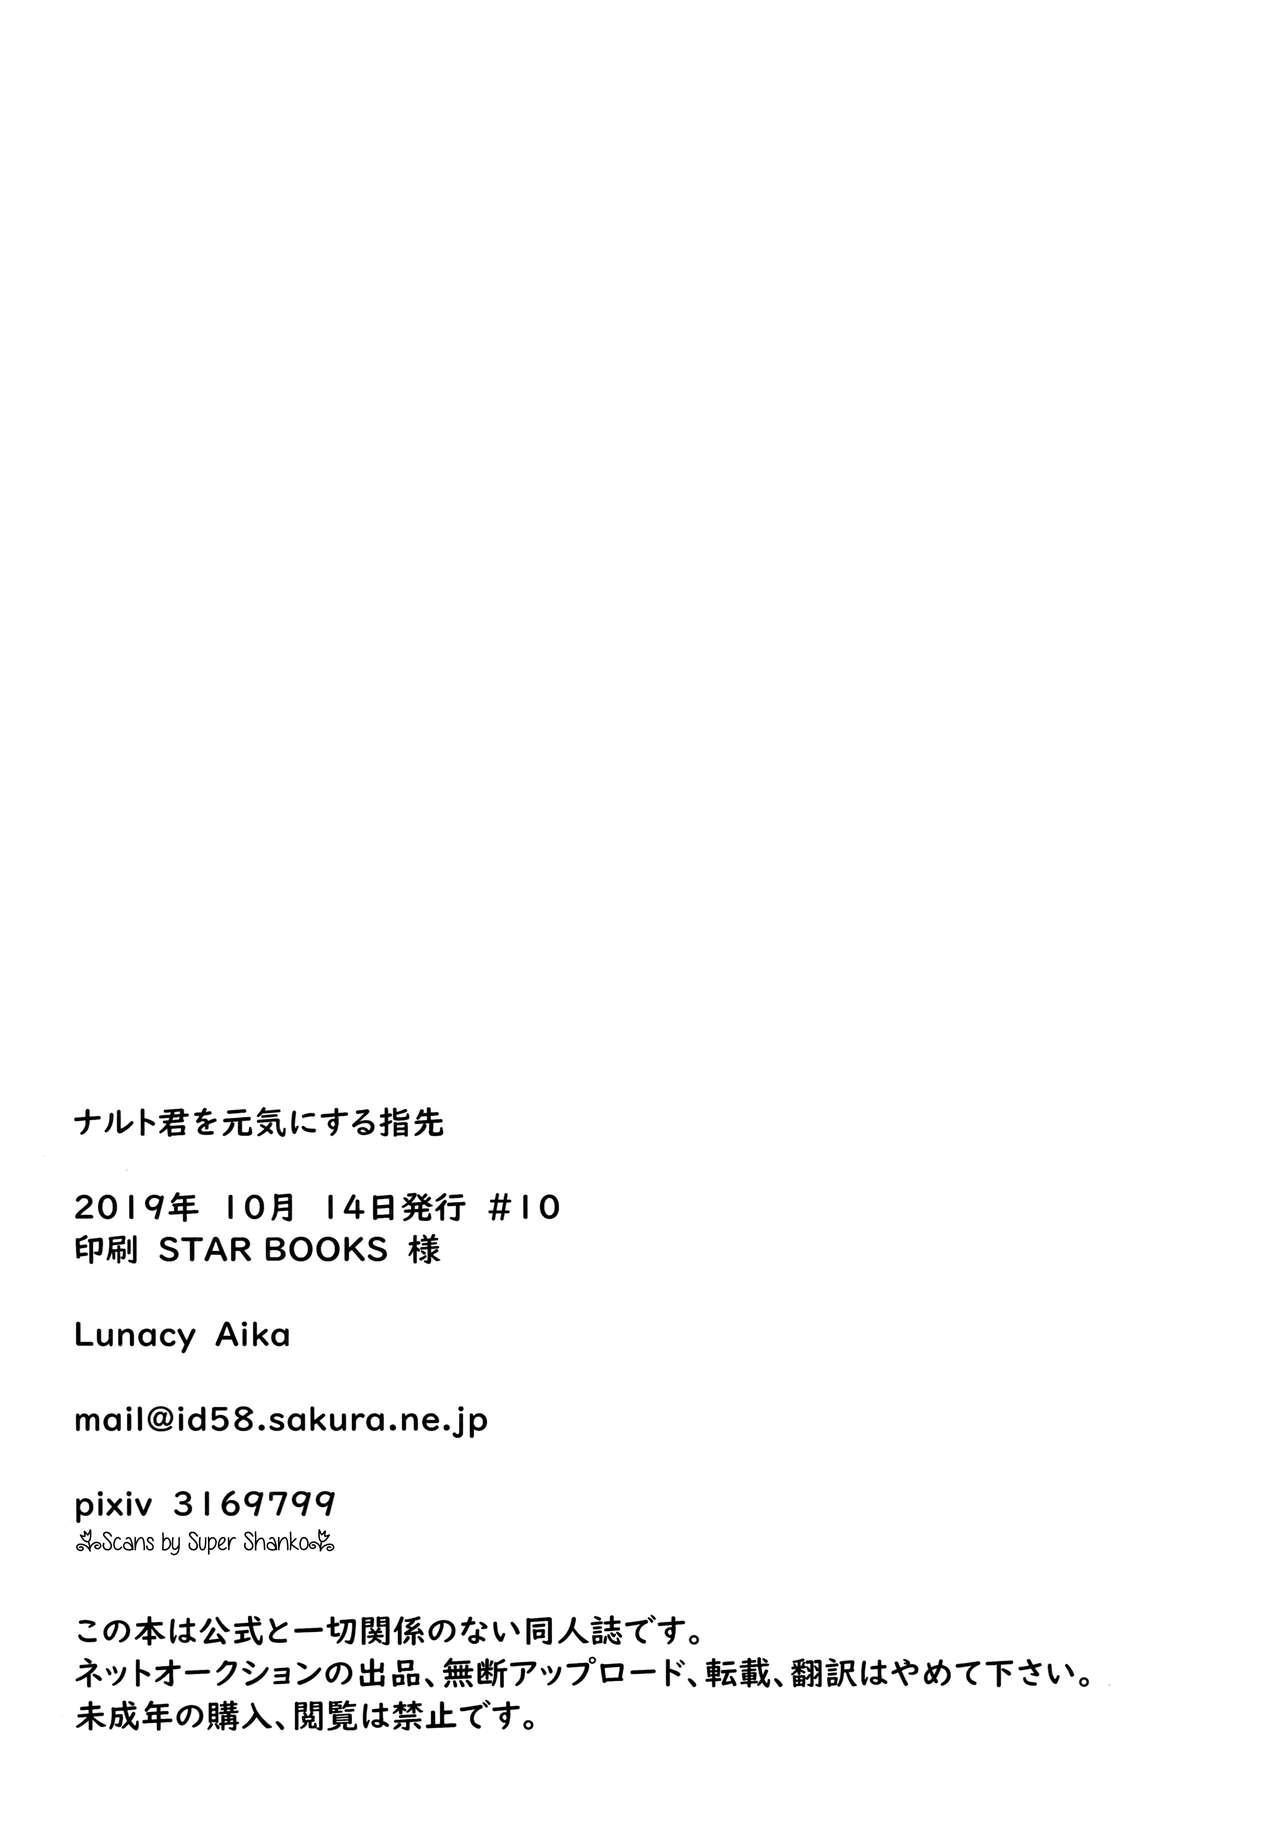 (Zennin Shuuketsu 12) [LUNACY (Aika)] Naruto-kun o Genki ni Suru Yubisaki | I used my fingertips to revitalize Naruto-kun (Naruto) [English] 22